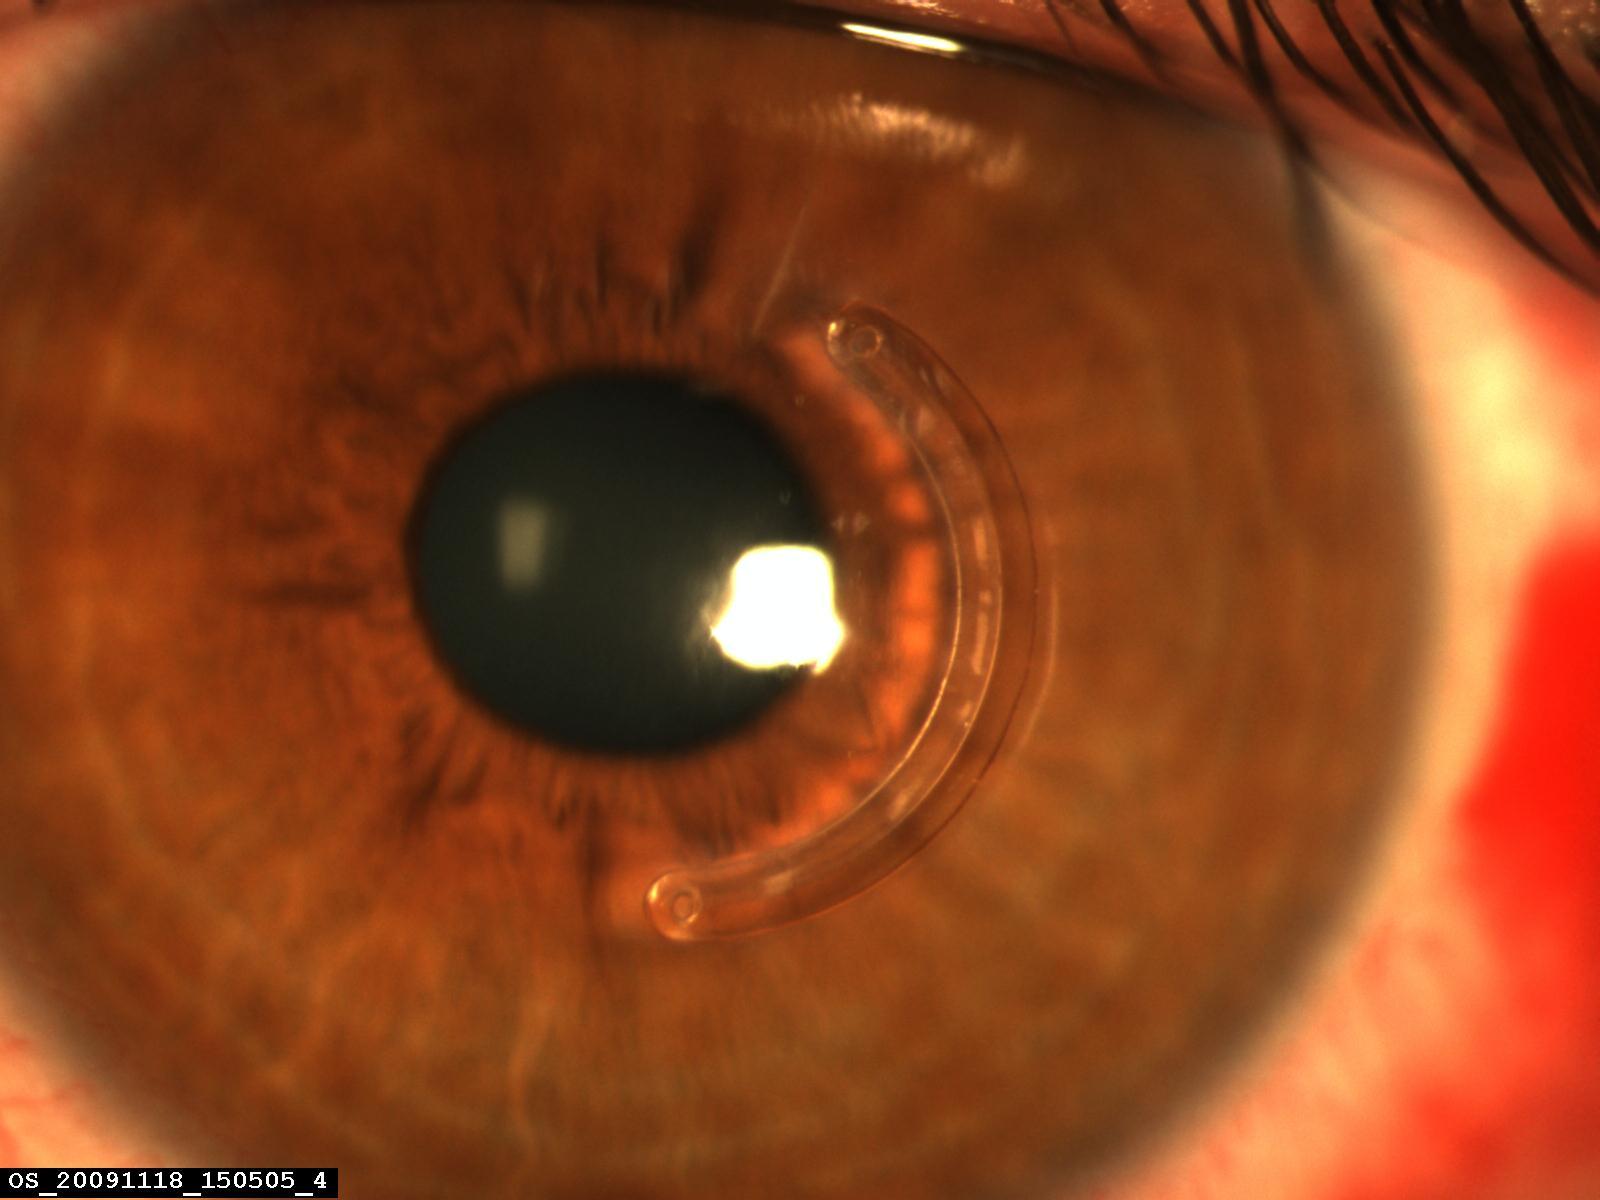 Hémi-anneau cornéen parfaitement centré sur la pupille et cornée déjà claire à J1. Aspect postopératoire précoce